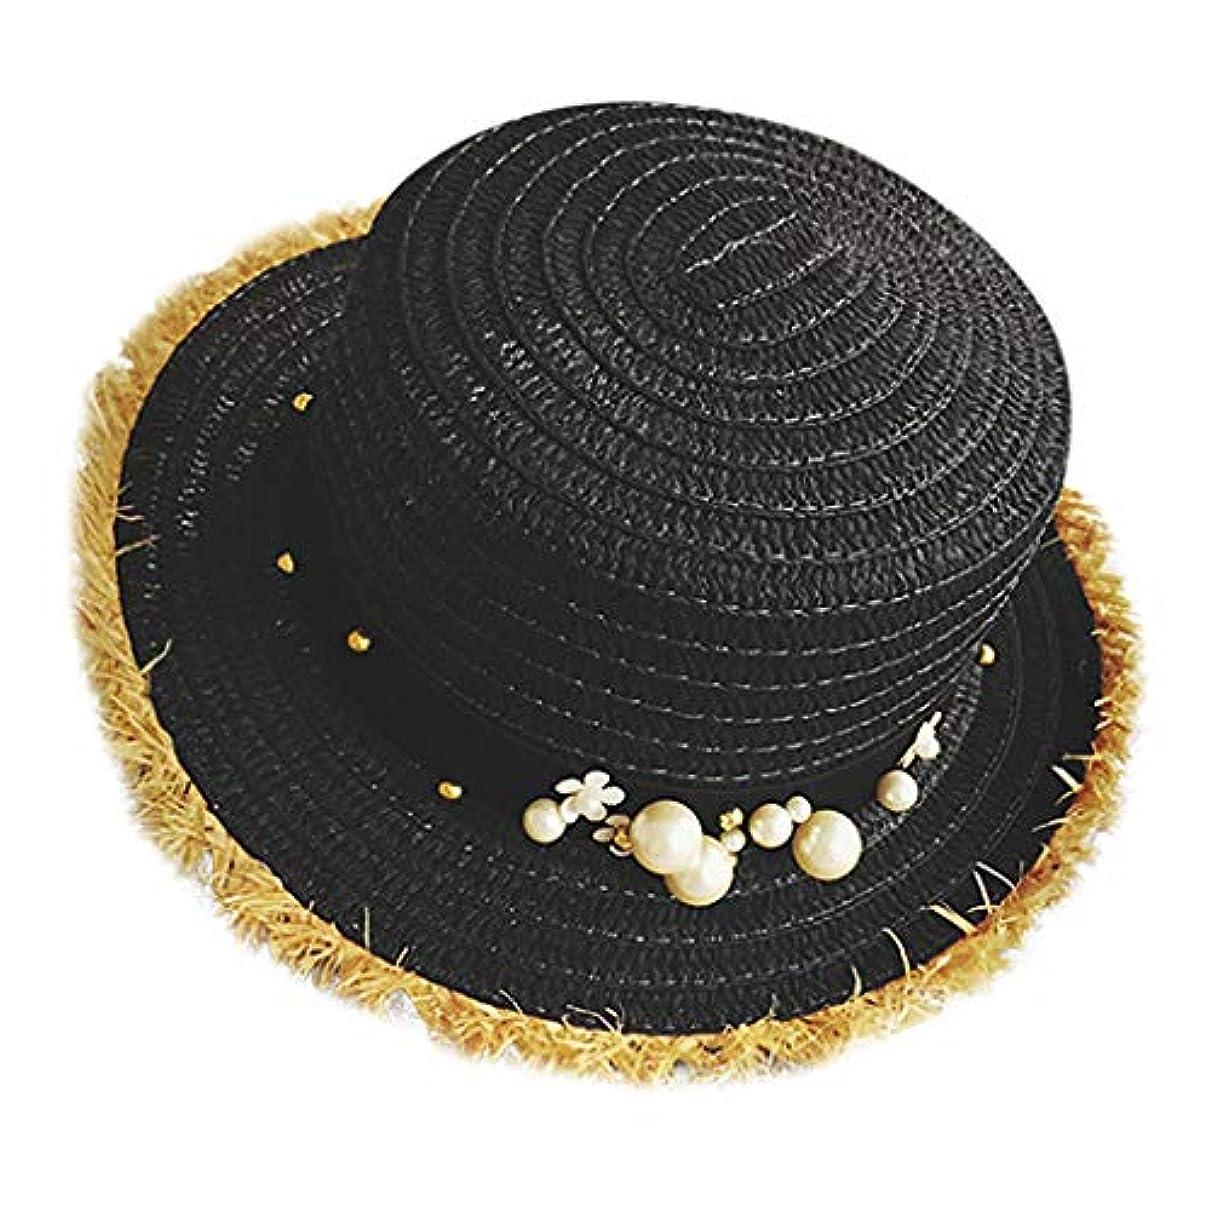 脱獄ライラックホイスト帽子 レディース UVカット 帽子 麦わら帽子 UV帽子 紫外線対策 通気性 漁師の帽子 ニット帽 マニュアル 真珠 太陽 キャップ 余暇 休暇 キャップ レディース ハンチング帽 大きいサイズ 発送 ROSE ROMAN